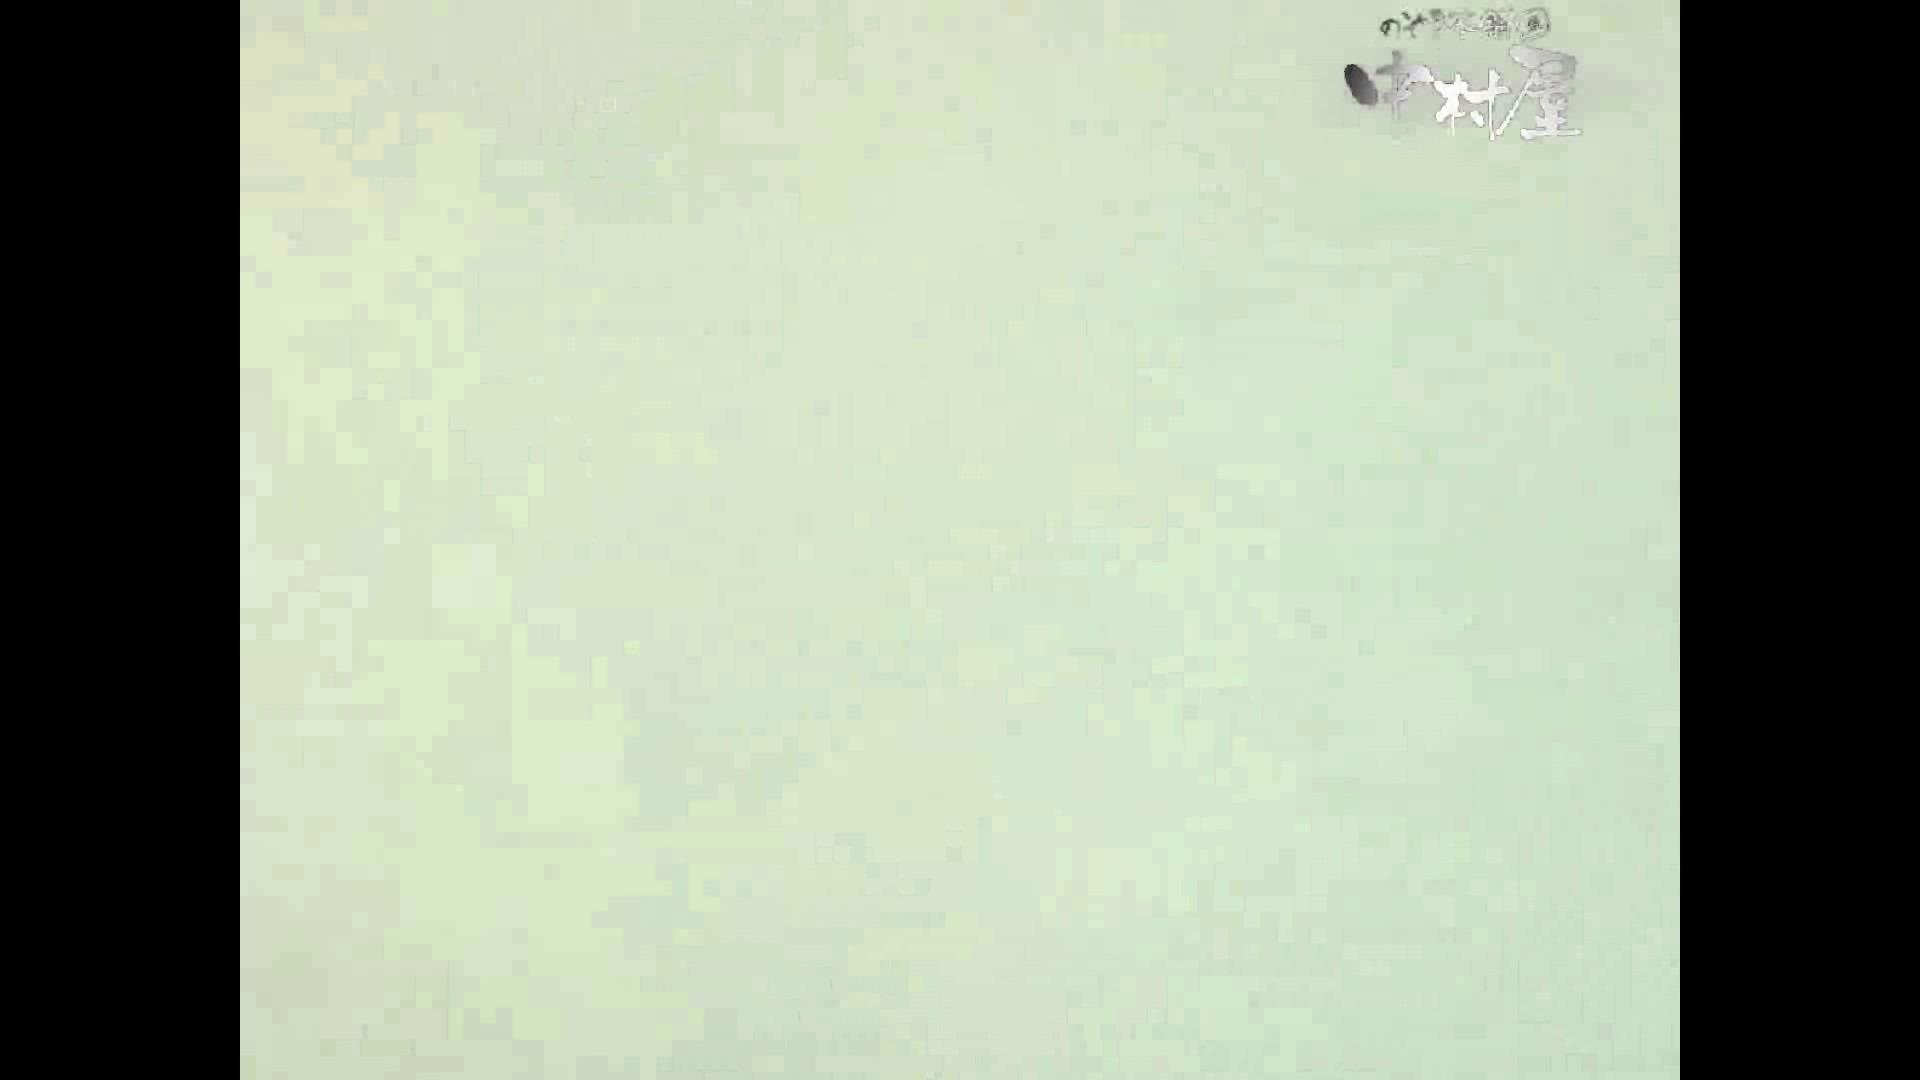 岩手県在住盗撮師盗撮記録vol.41 排泄編  89PIX 76